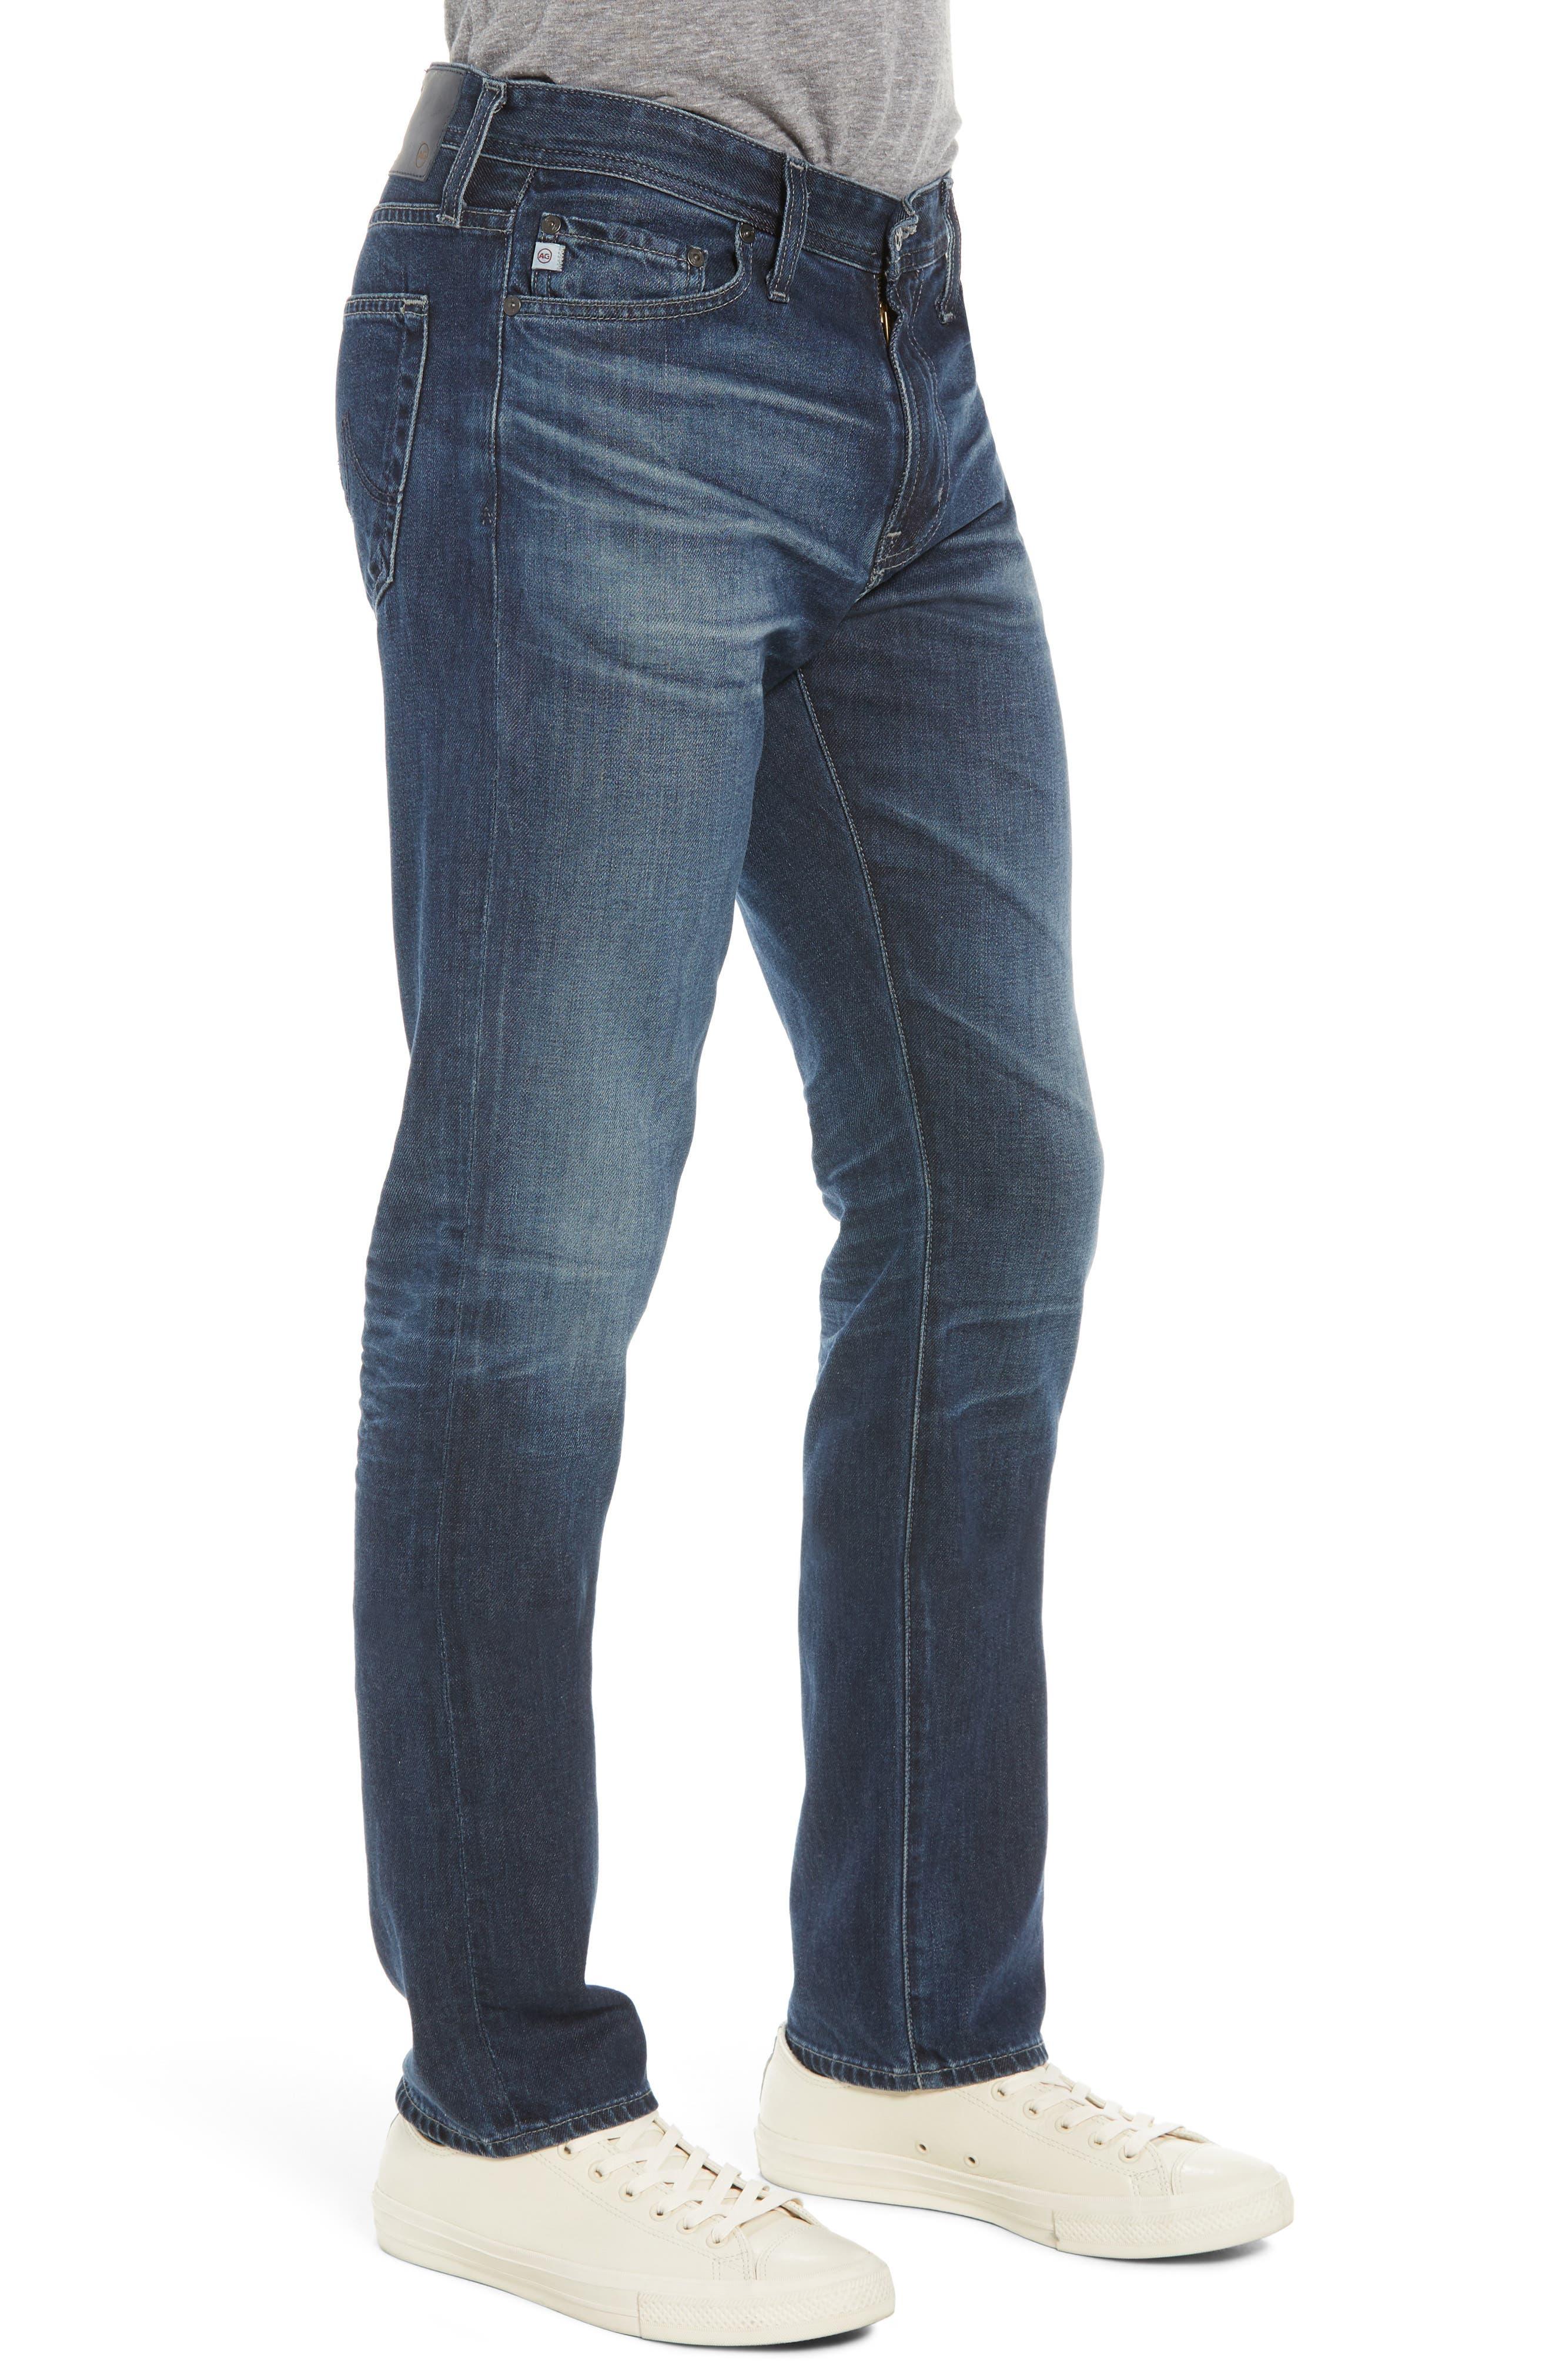 Everett Slim Straight Leg Jeans,                             Alternate thumbnail 3, color,                             7 YEARS PARK AVEUNE